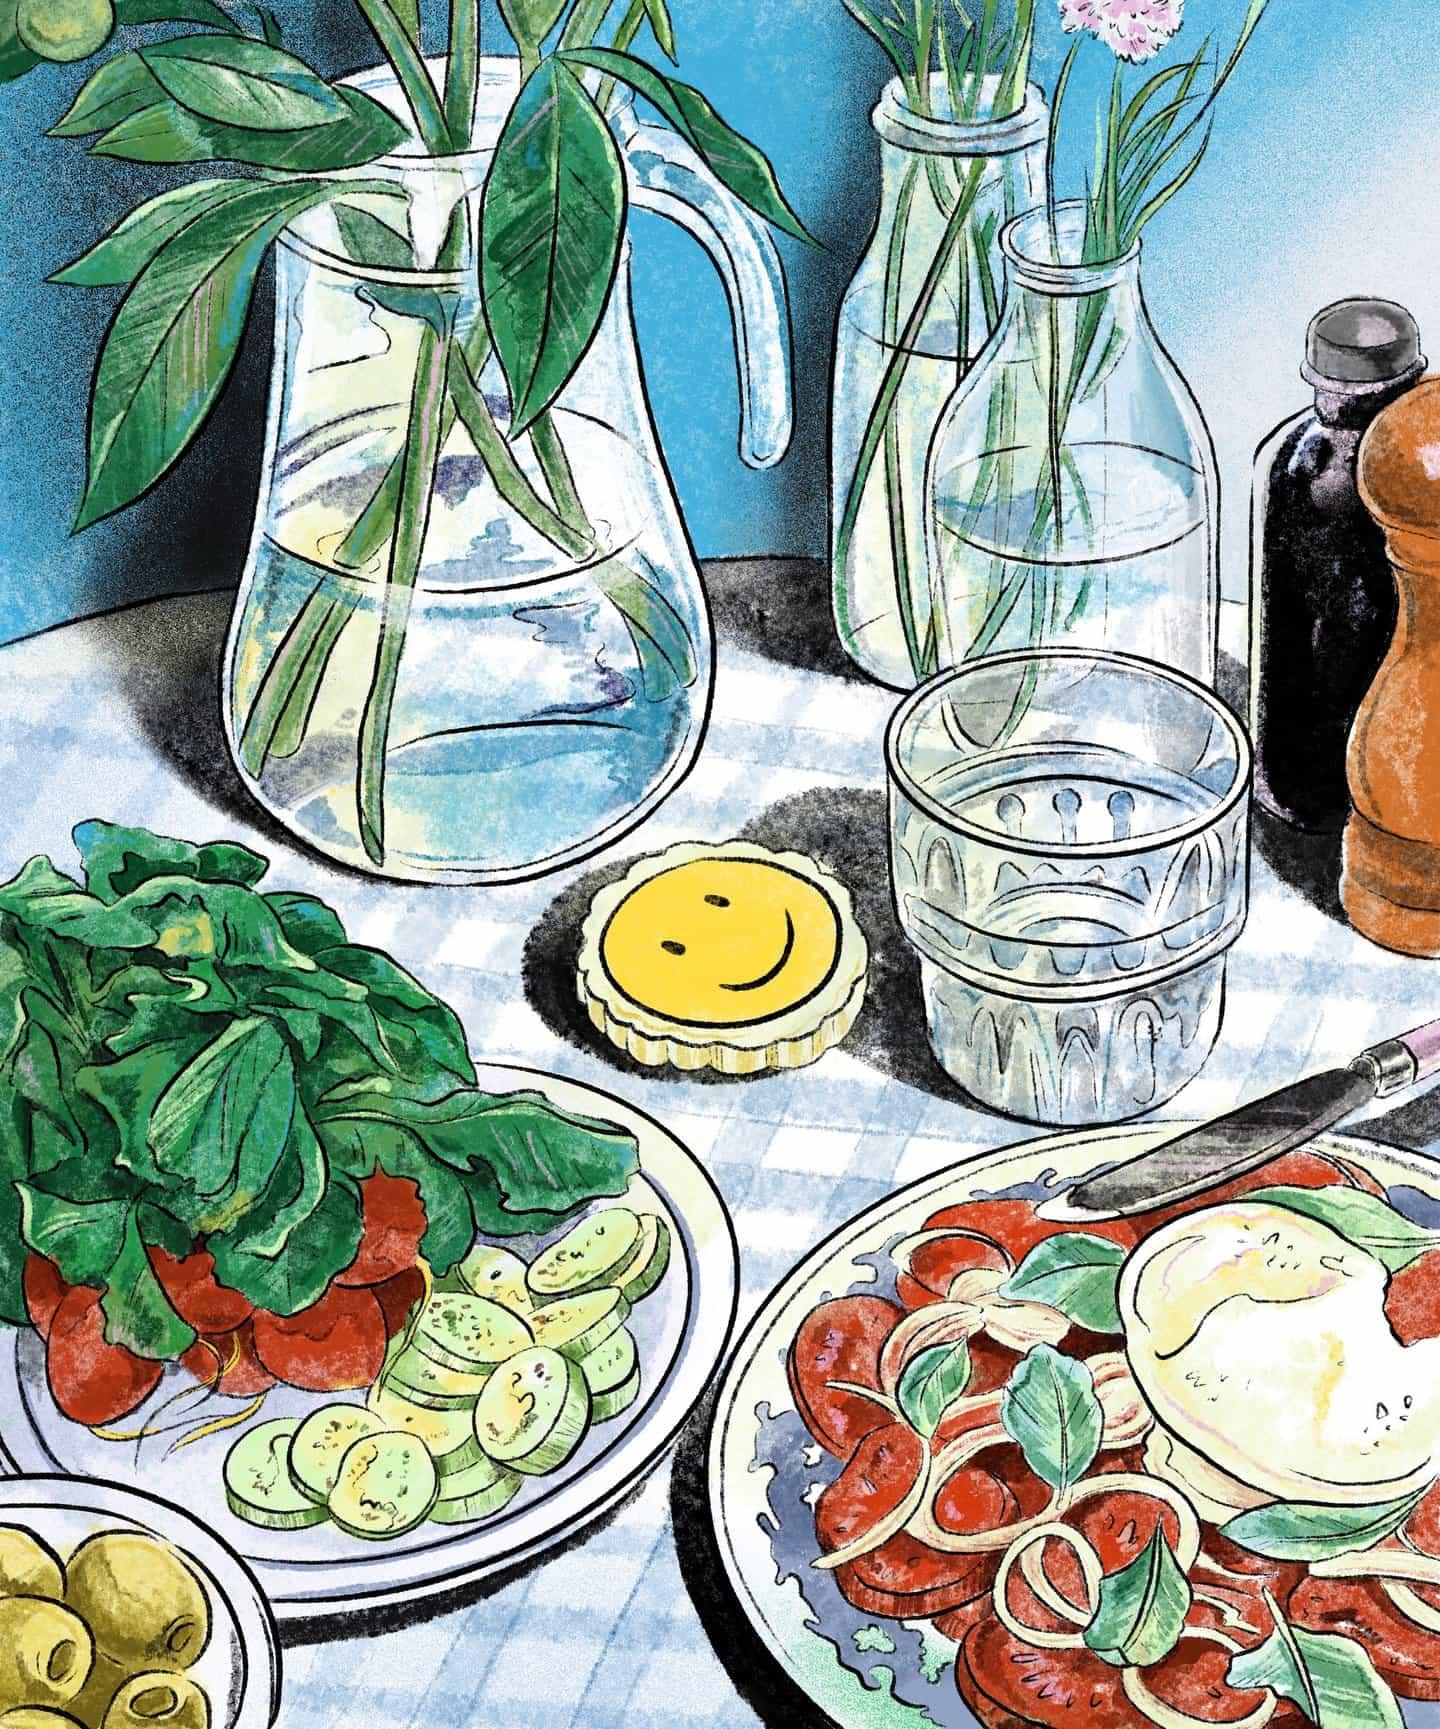 Vintage, texturas suaves colores a juego y trata comestibles: la obra de Bárbara flor es una fiesta para los ojos